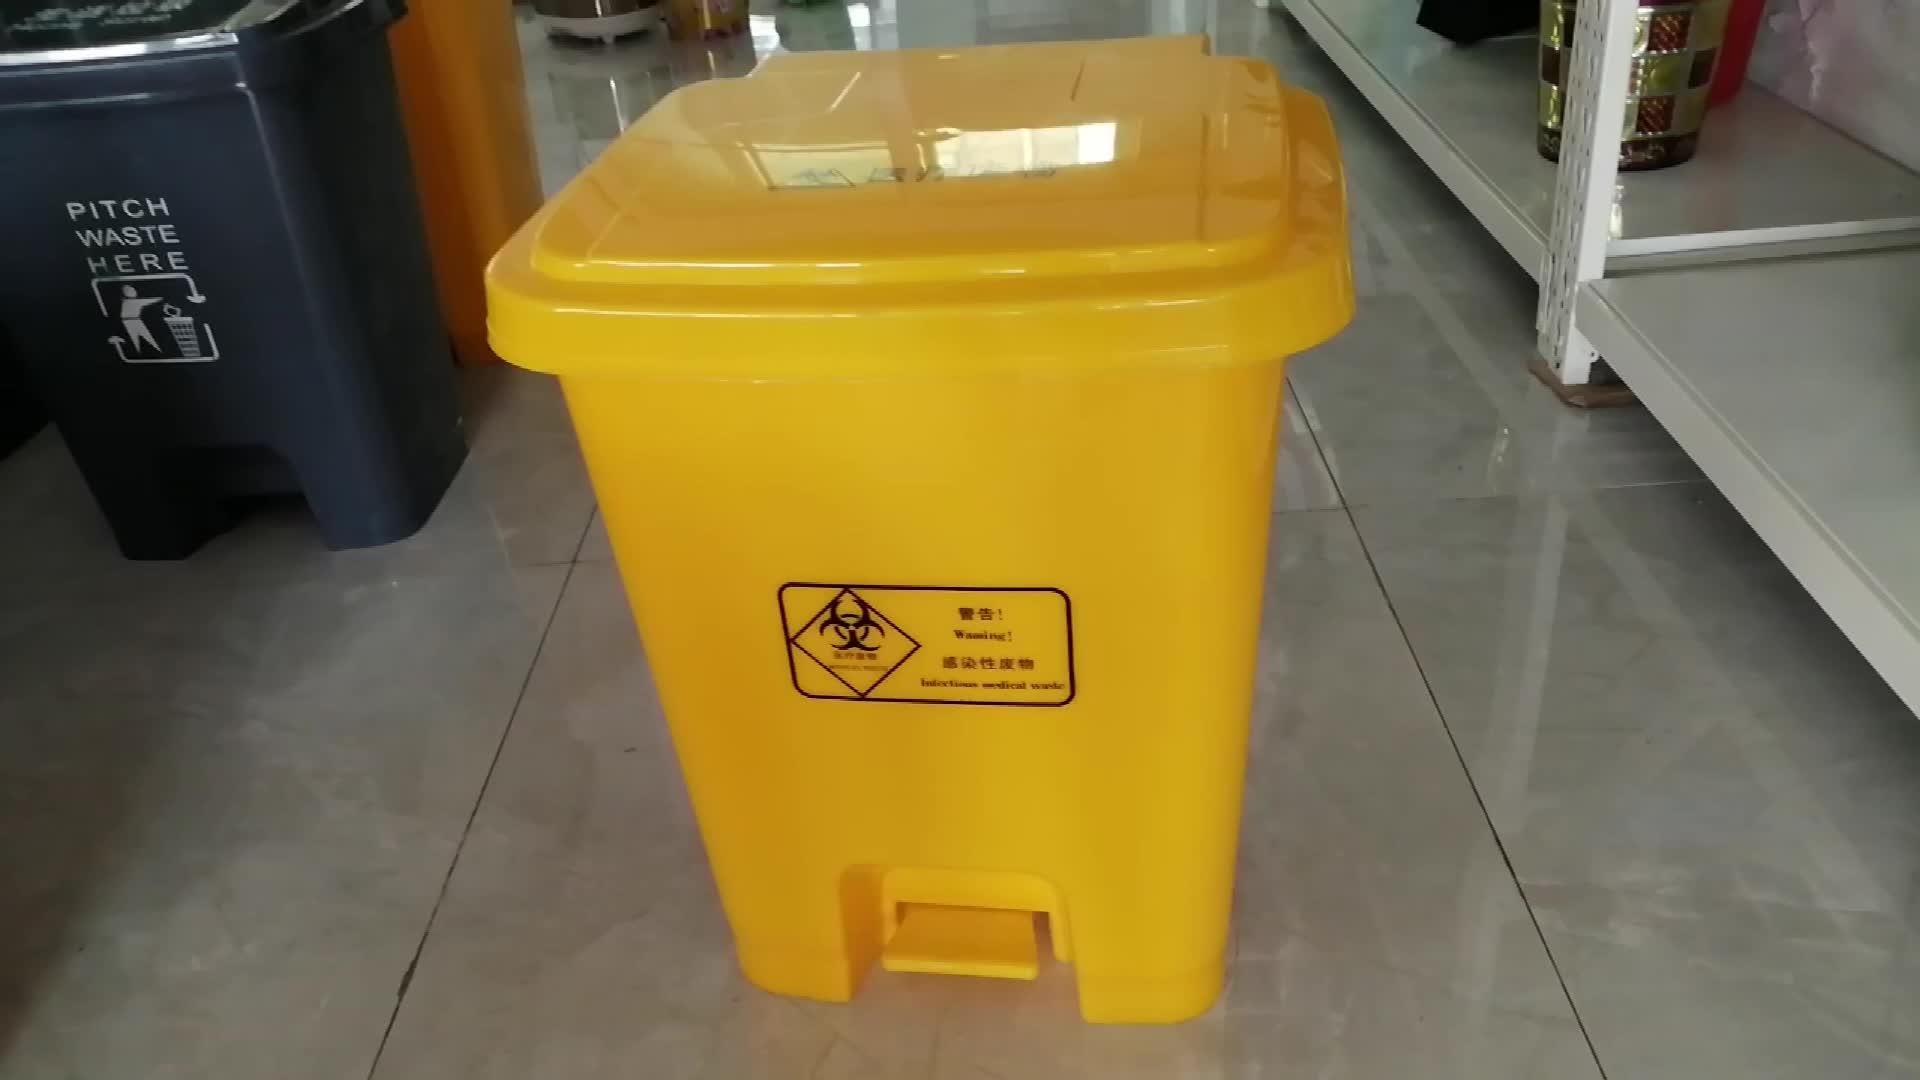 Codici colore 30l 50l 100l 120l 240l cucina ruota bidone dei rifiuti